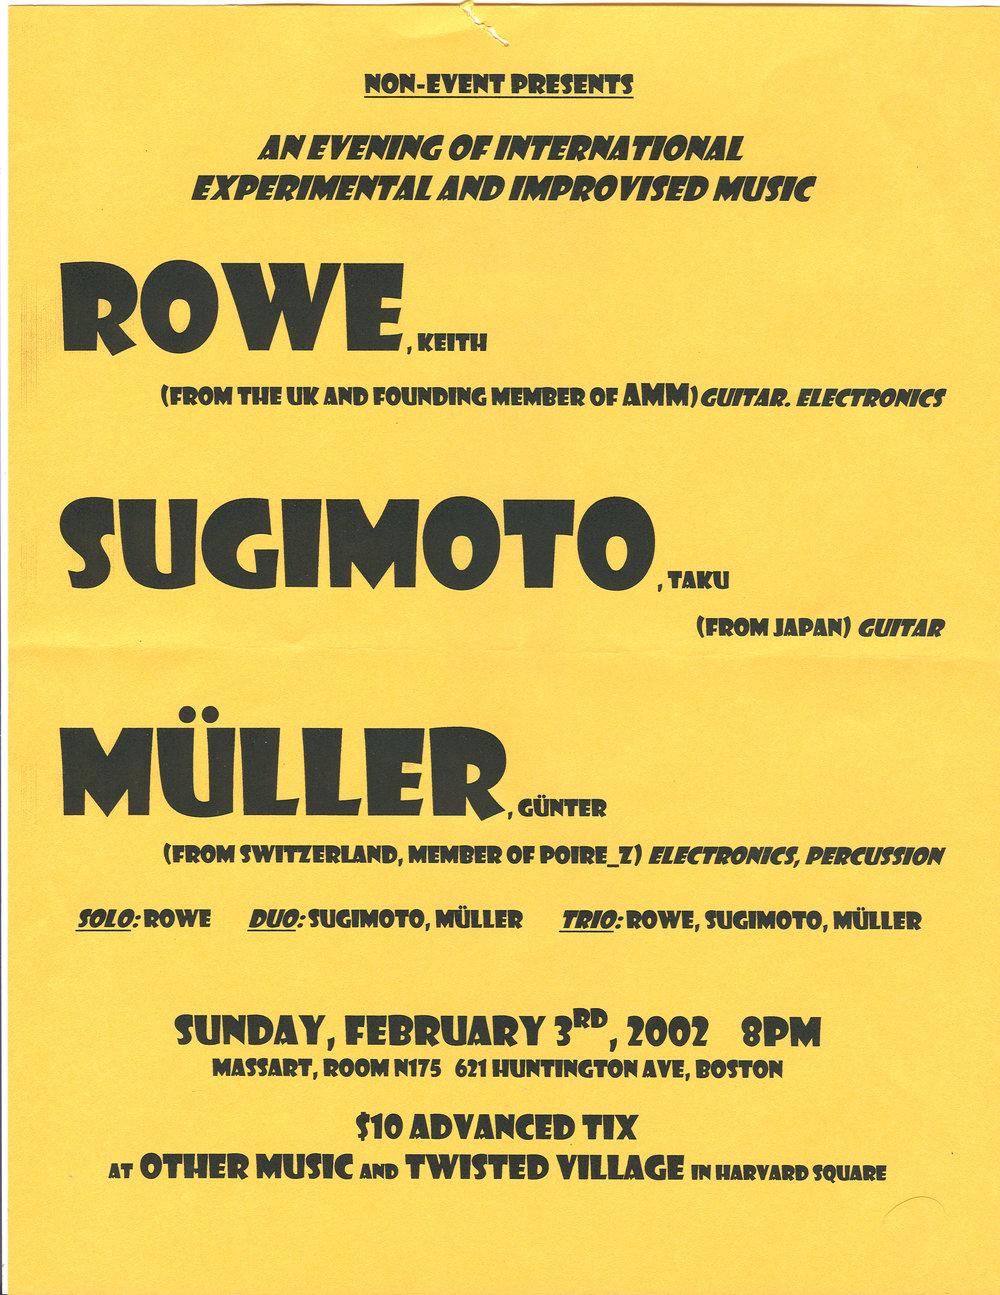 02.03.02-BOSTON-MASSART-NONEVENT-ROWE.jpg